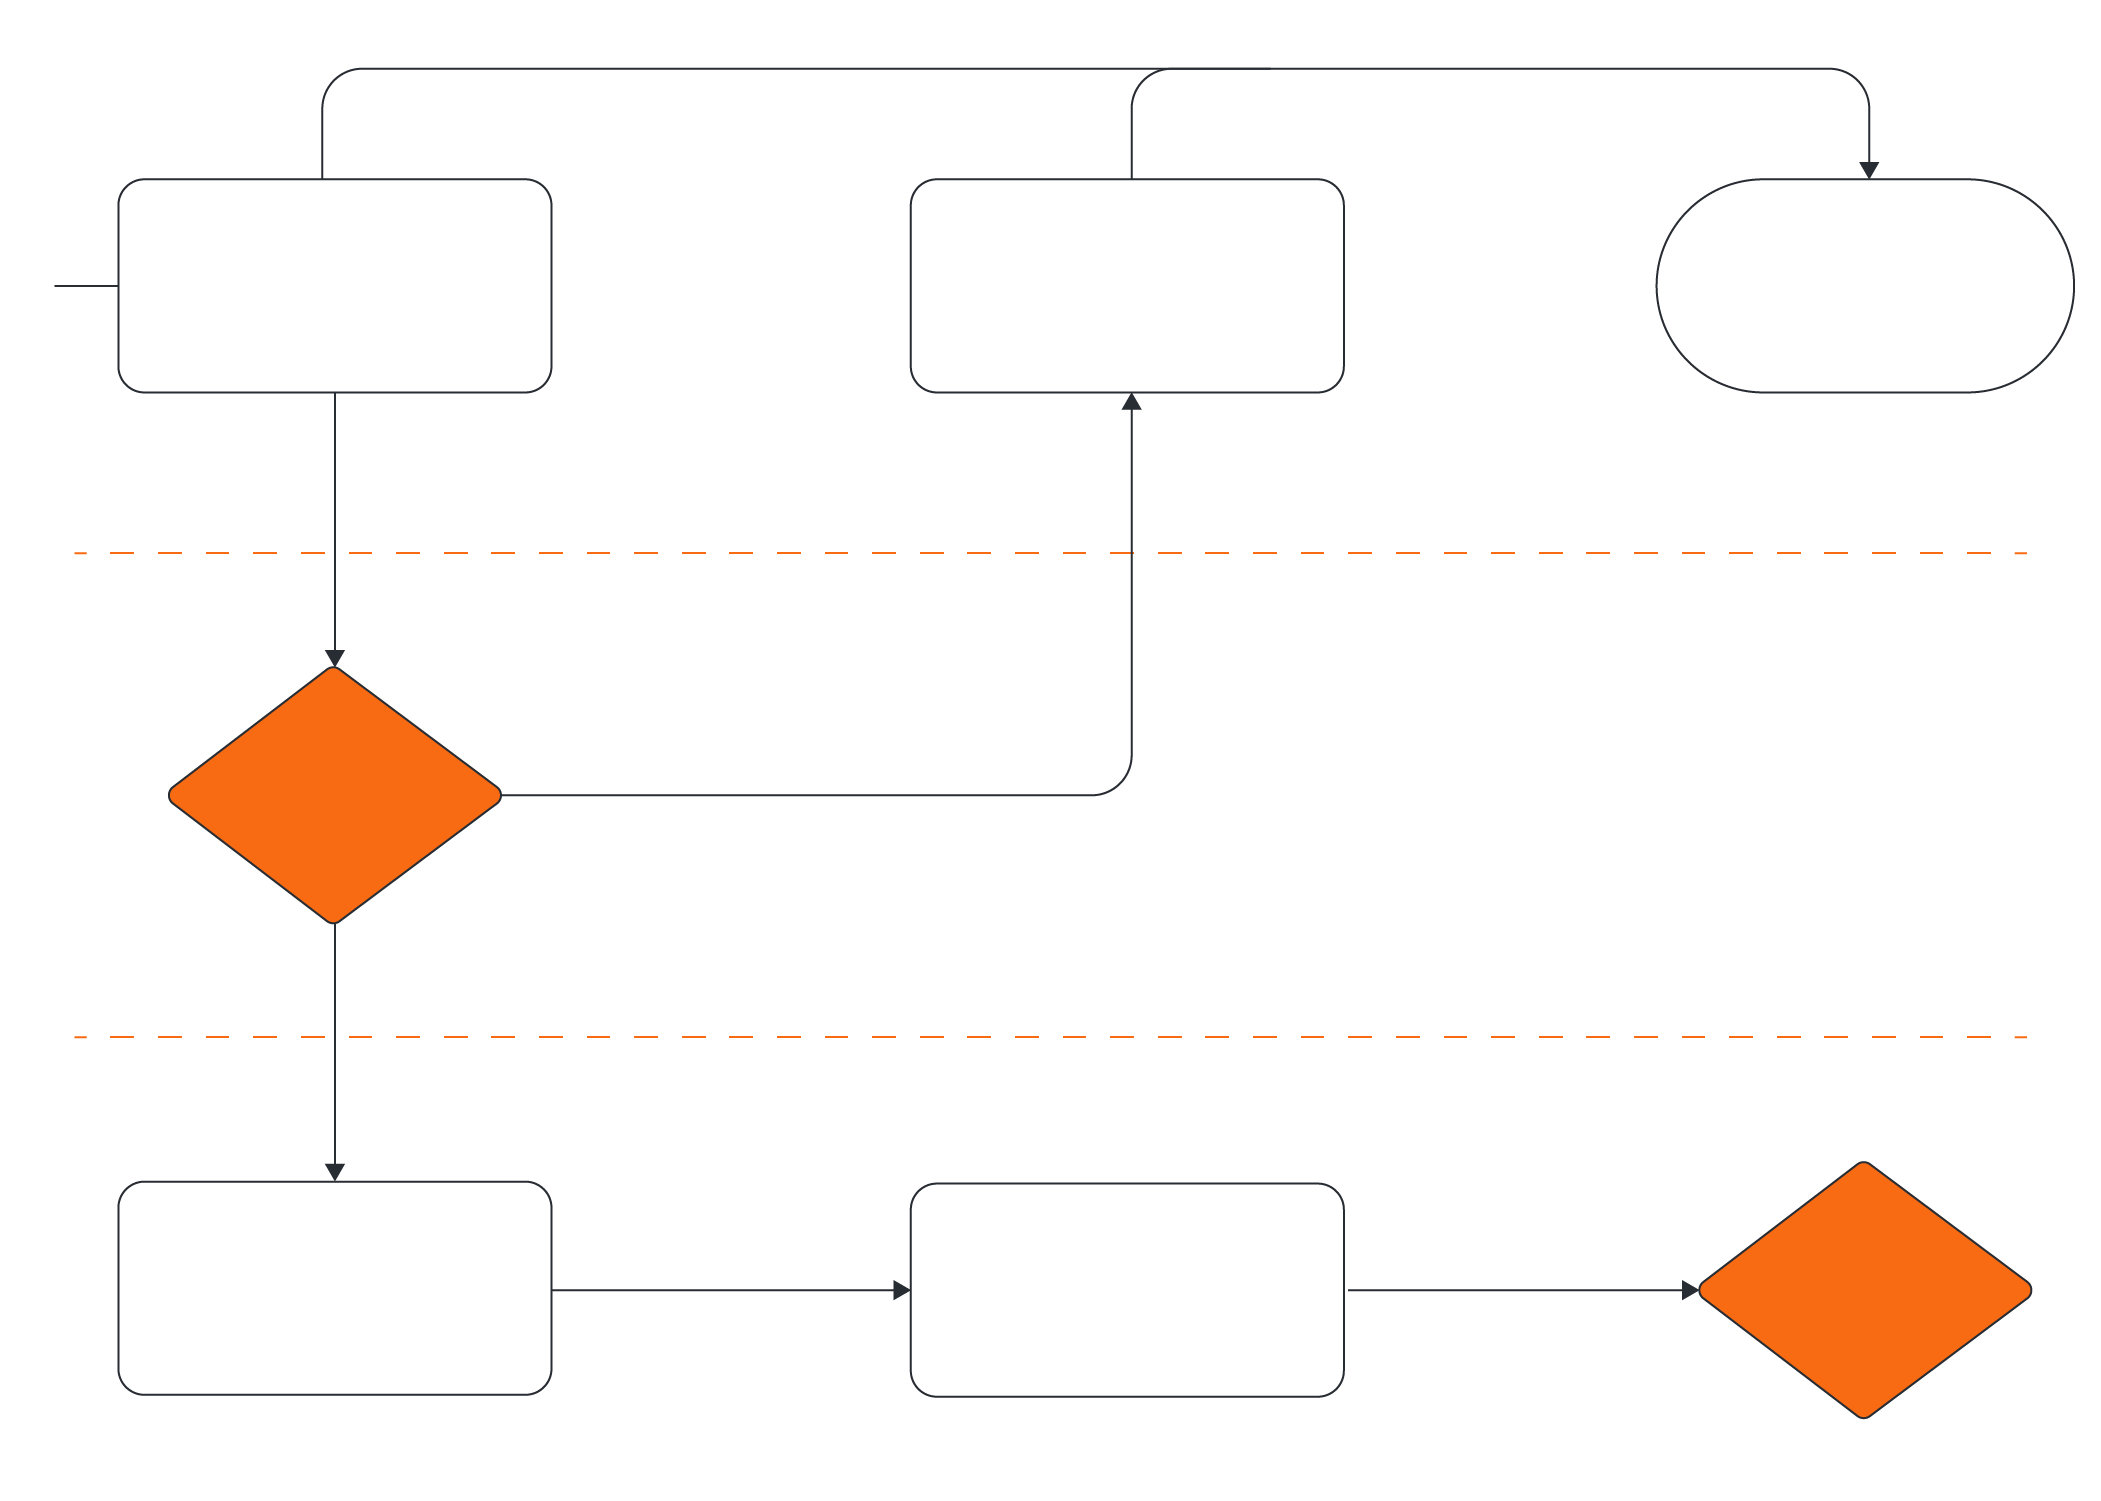 Creador de diagramas de flujo